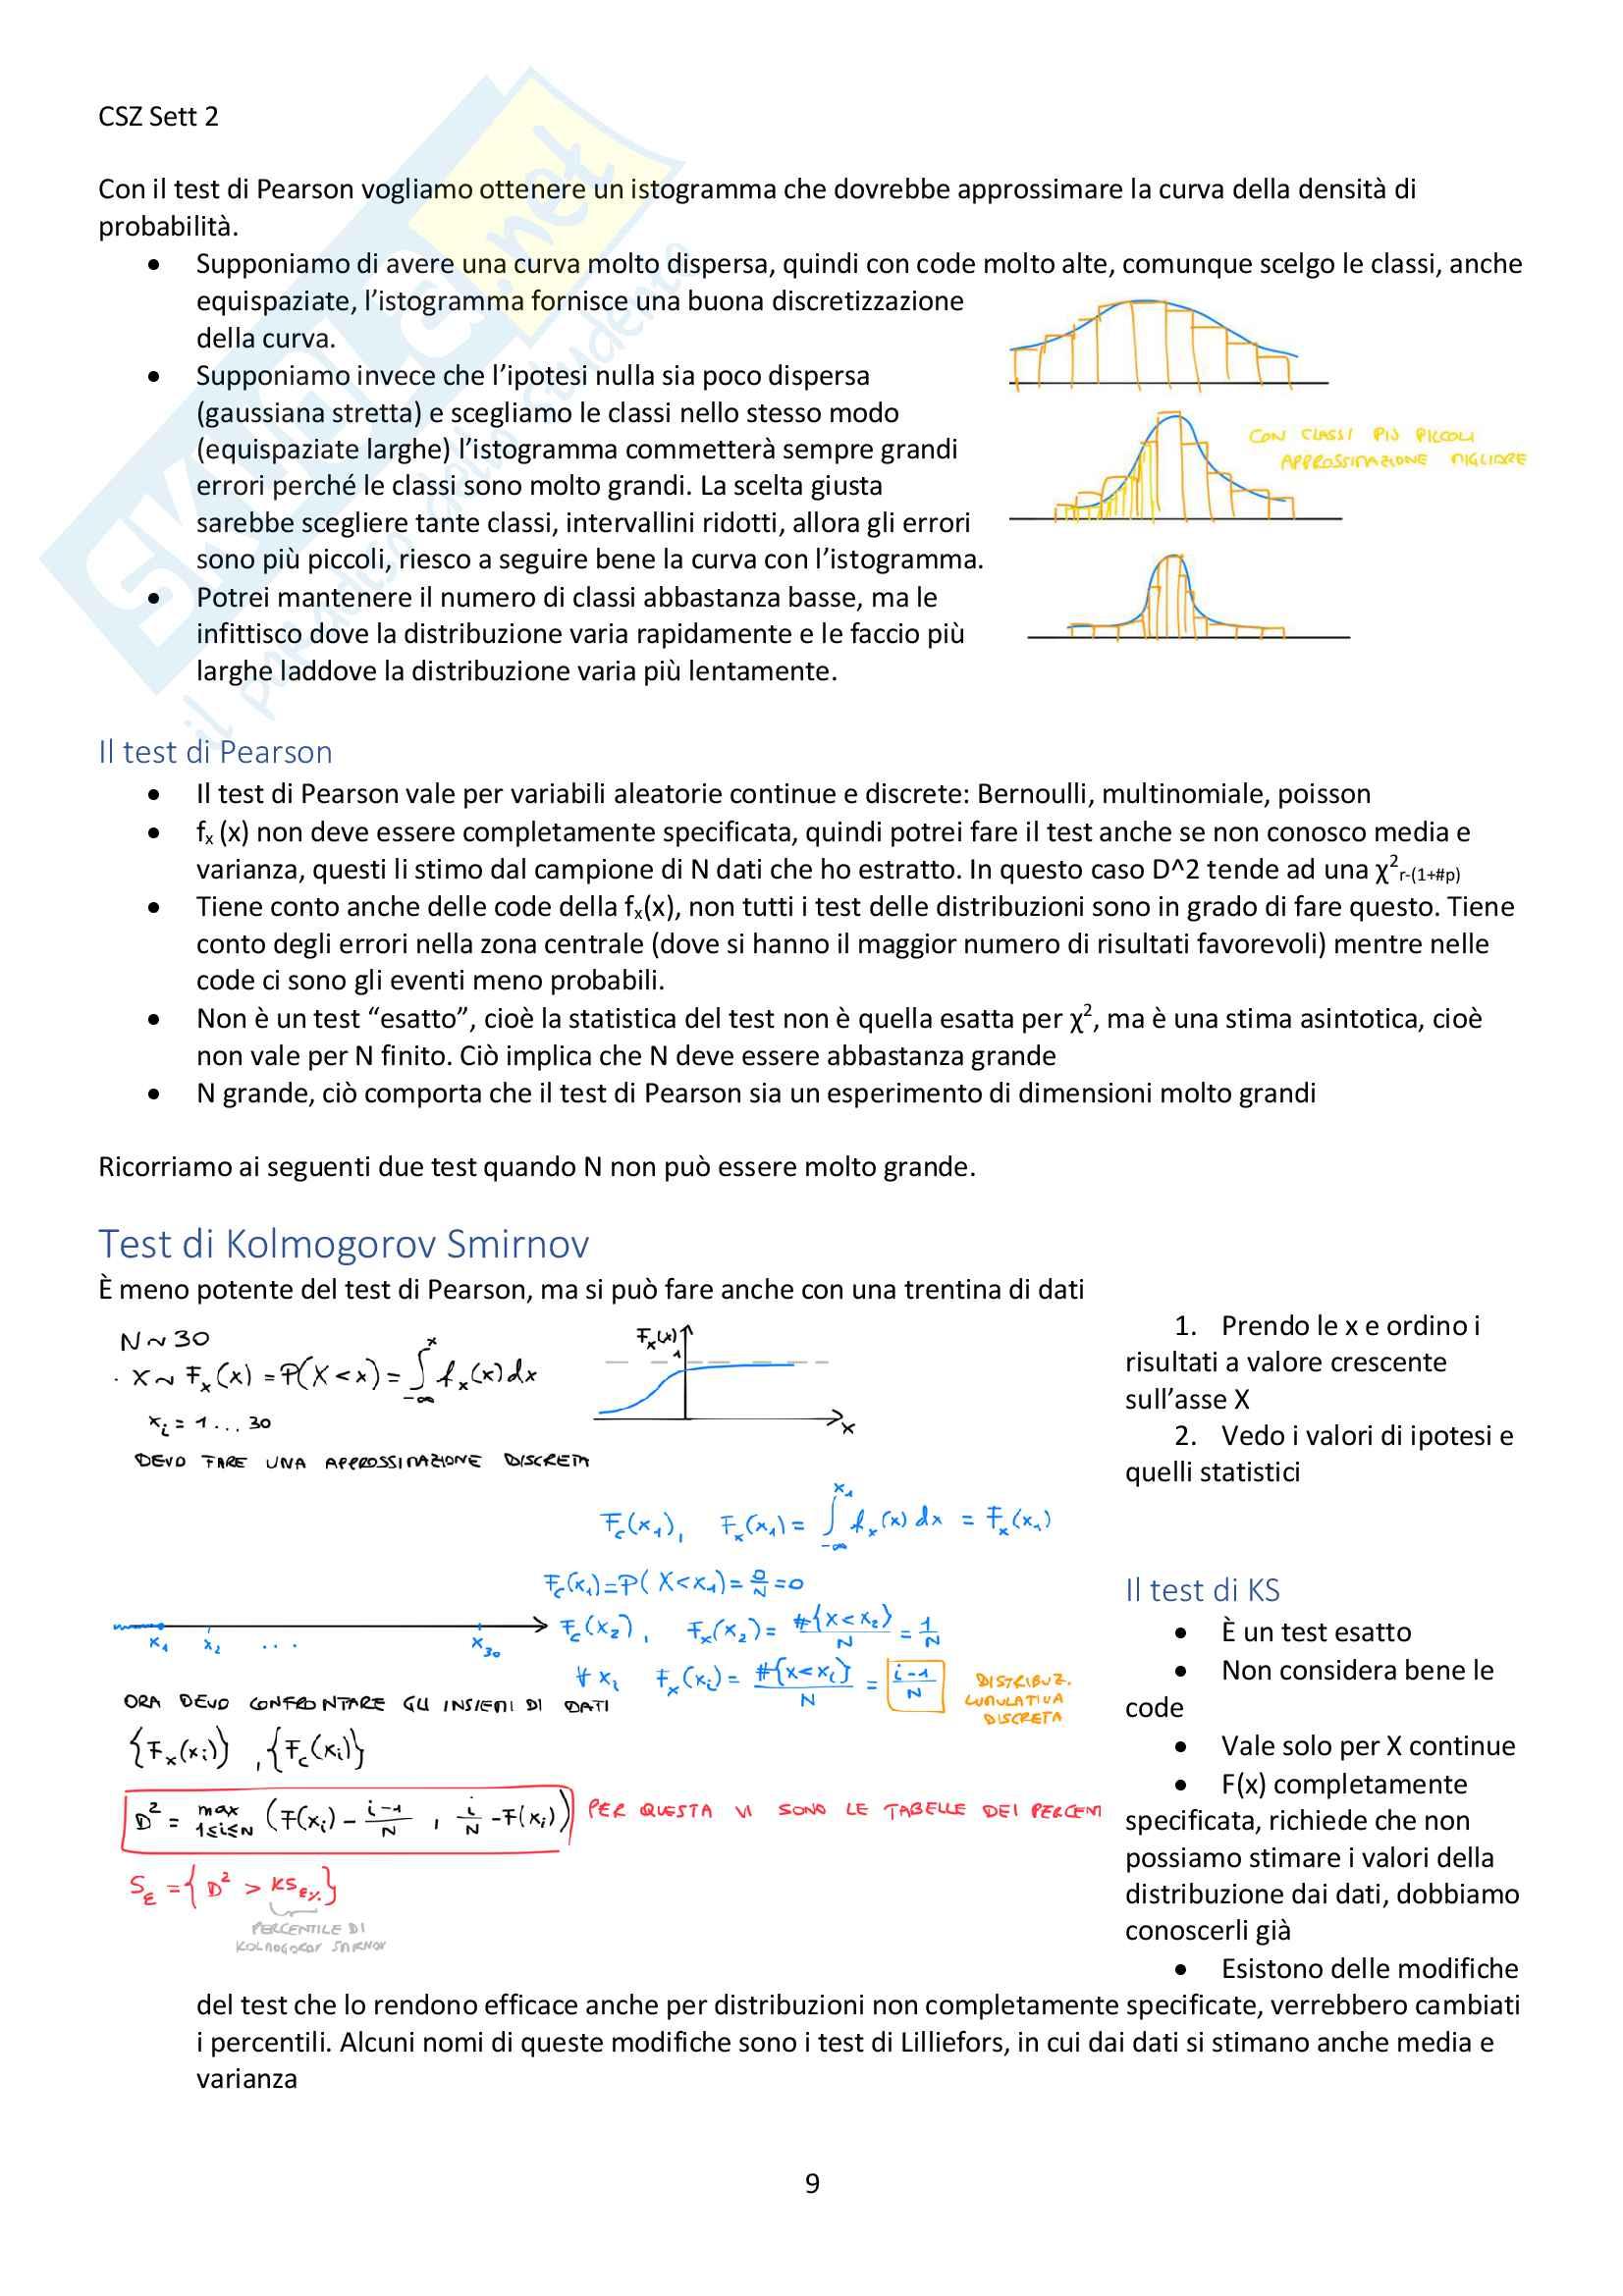 Appunti del corso Modellistica e identificazione, prof. De Santis Pag. 16